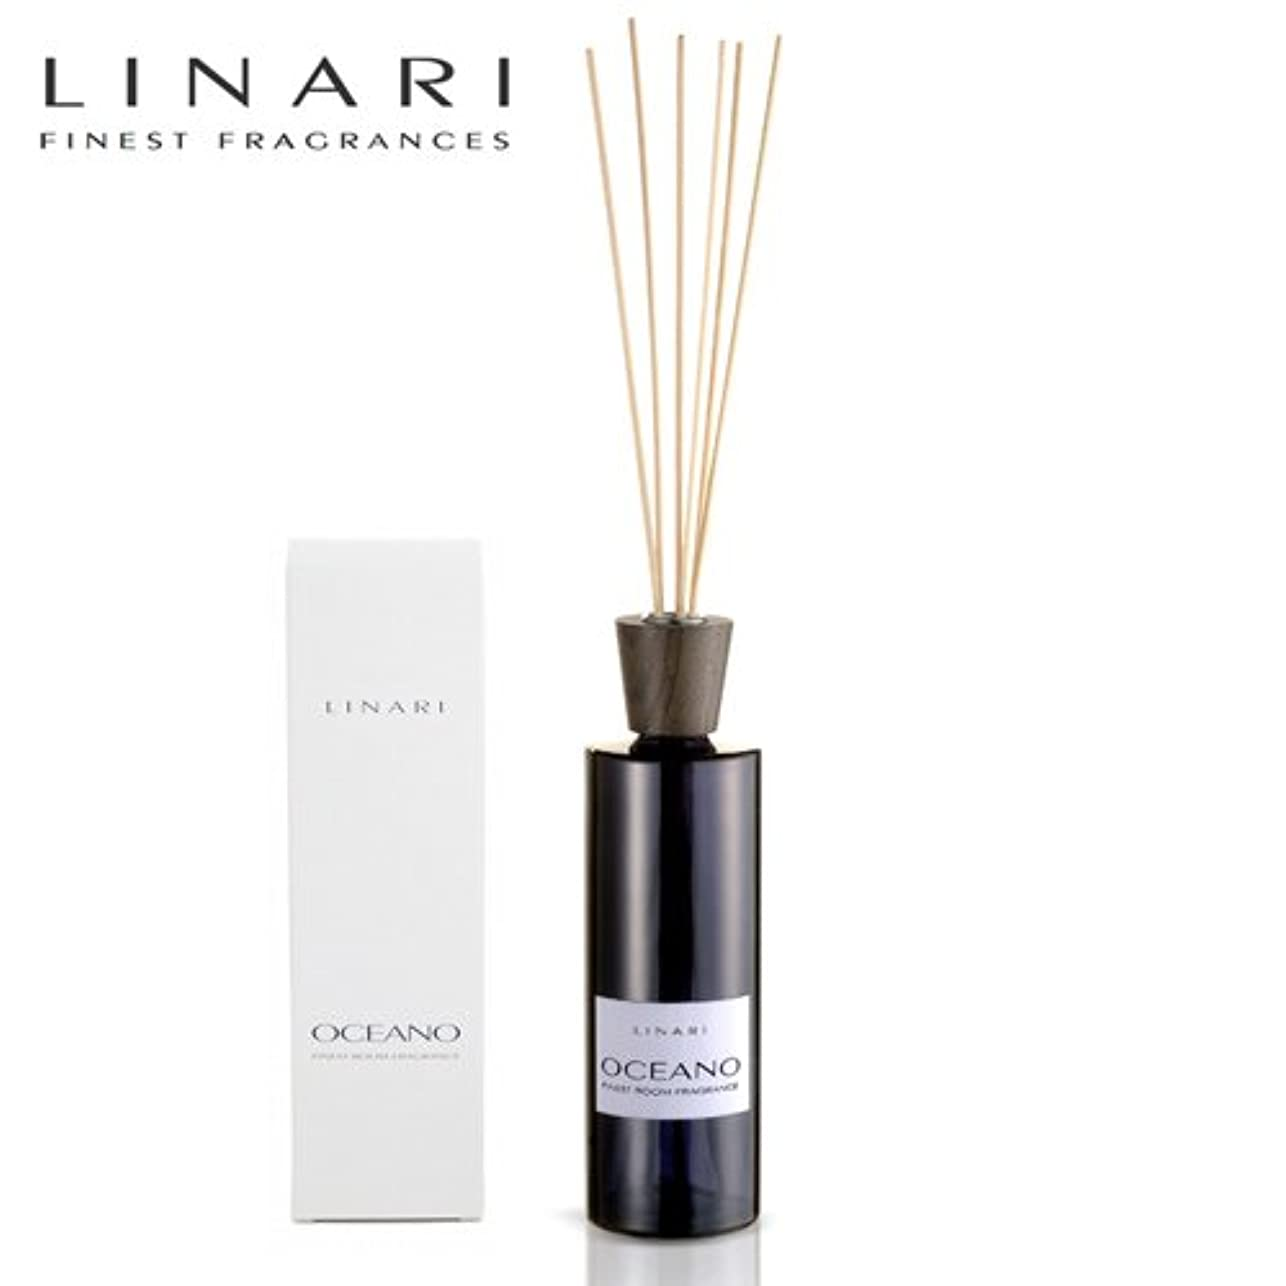 さわやか最初に歩き回るLINARI リナーリ ルームディフューザー 500ml OCEANO オセアノ ナチュラルスティック natural stick room diffuser